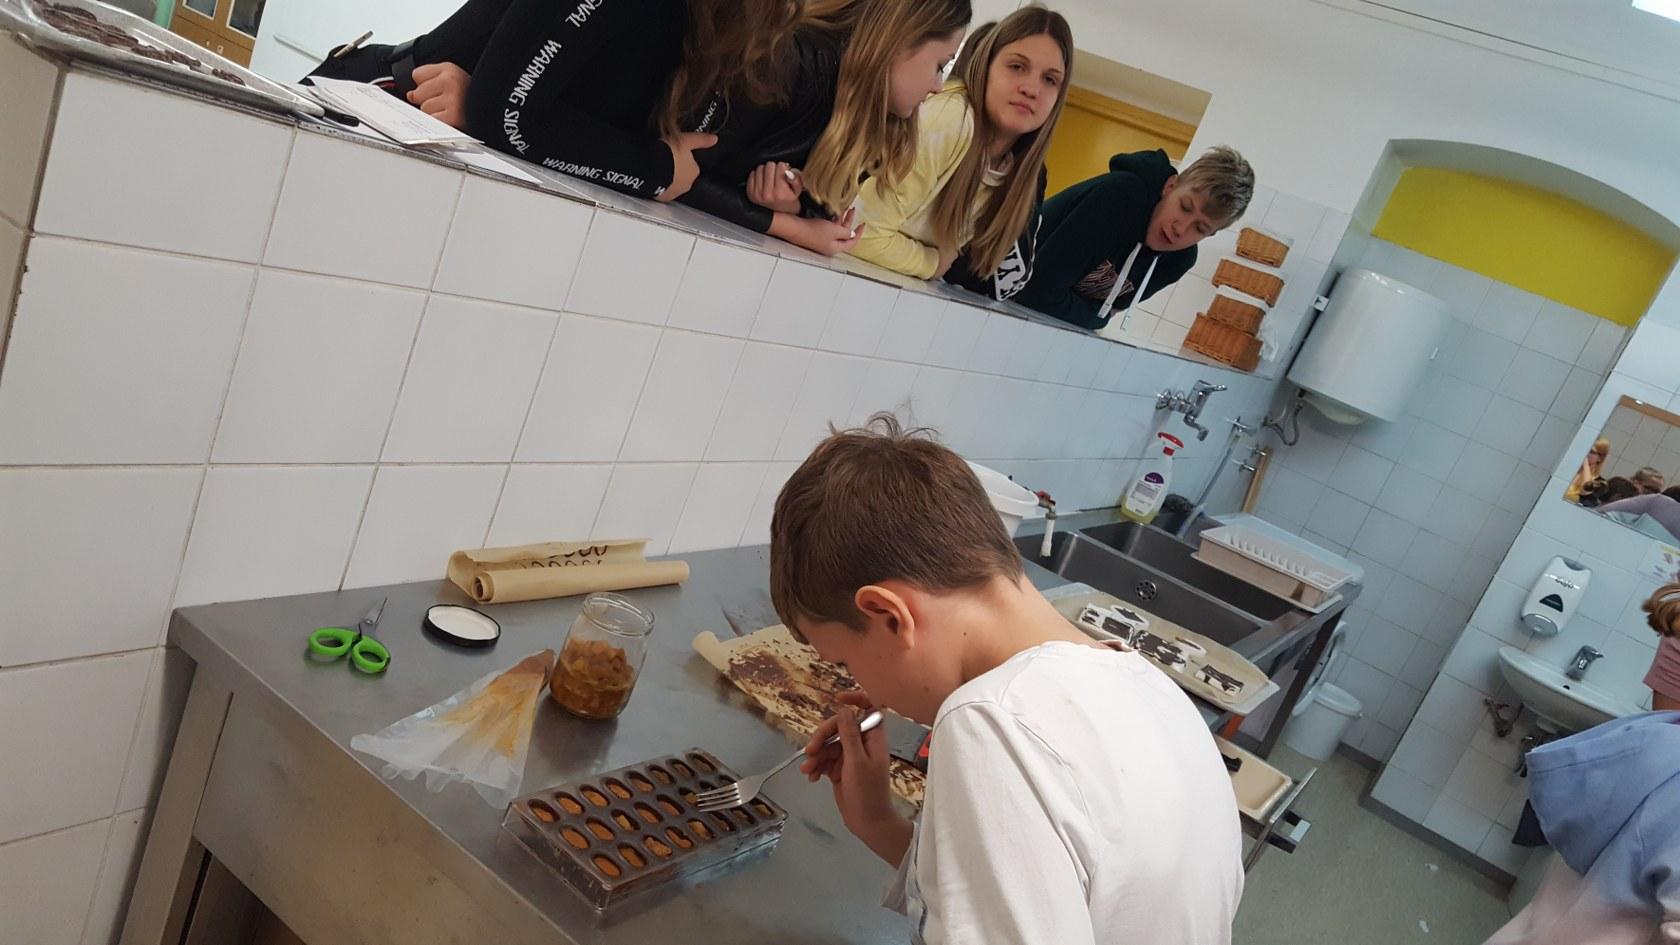 2019_11_12_delavnica_izdelave_cokoladnih_pralin-22